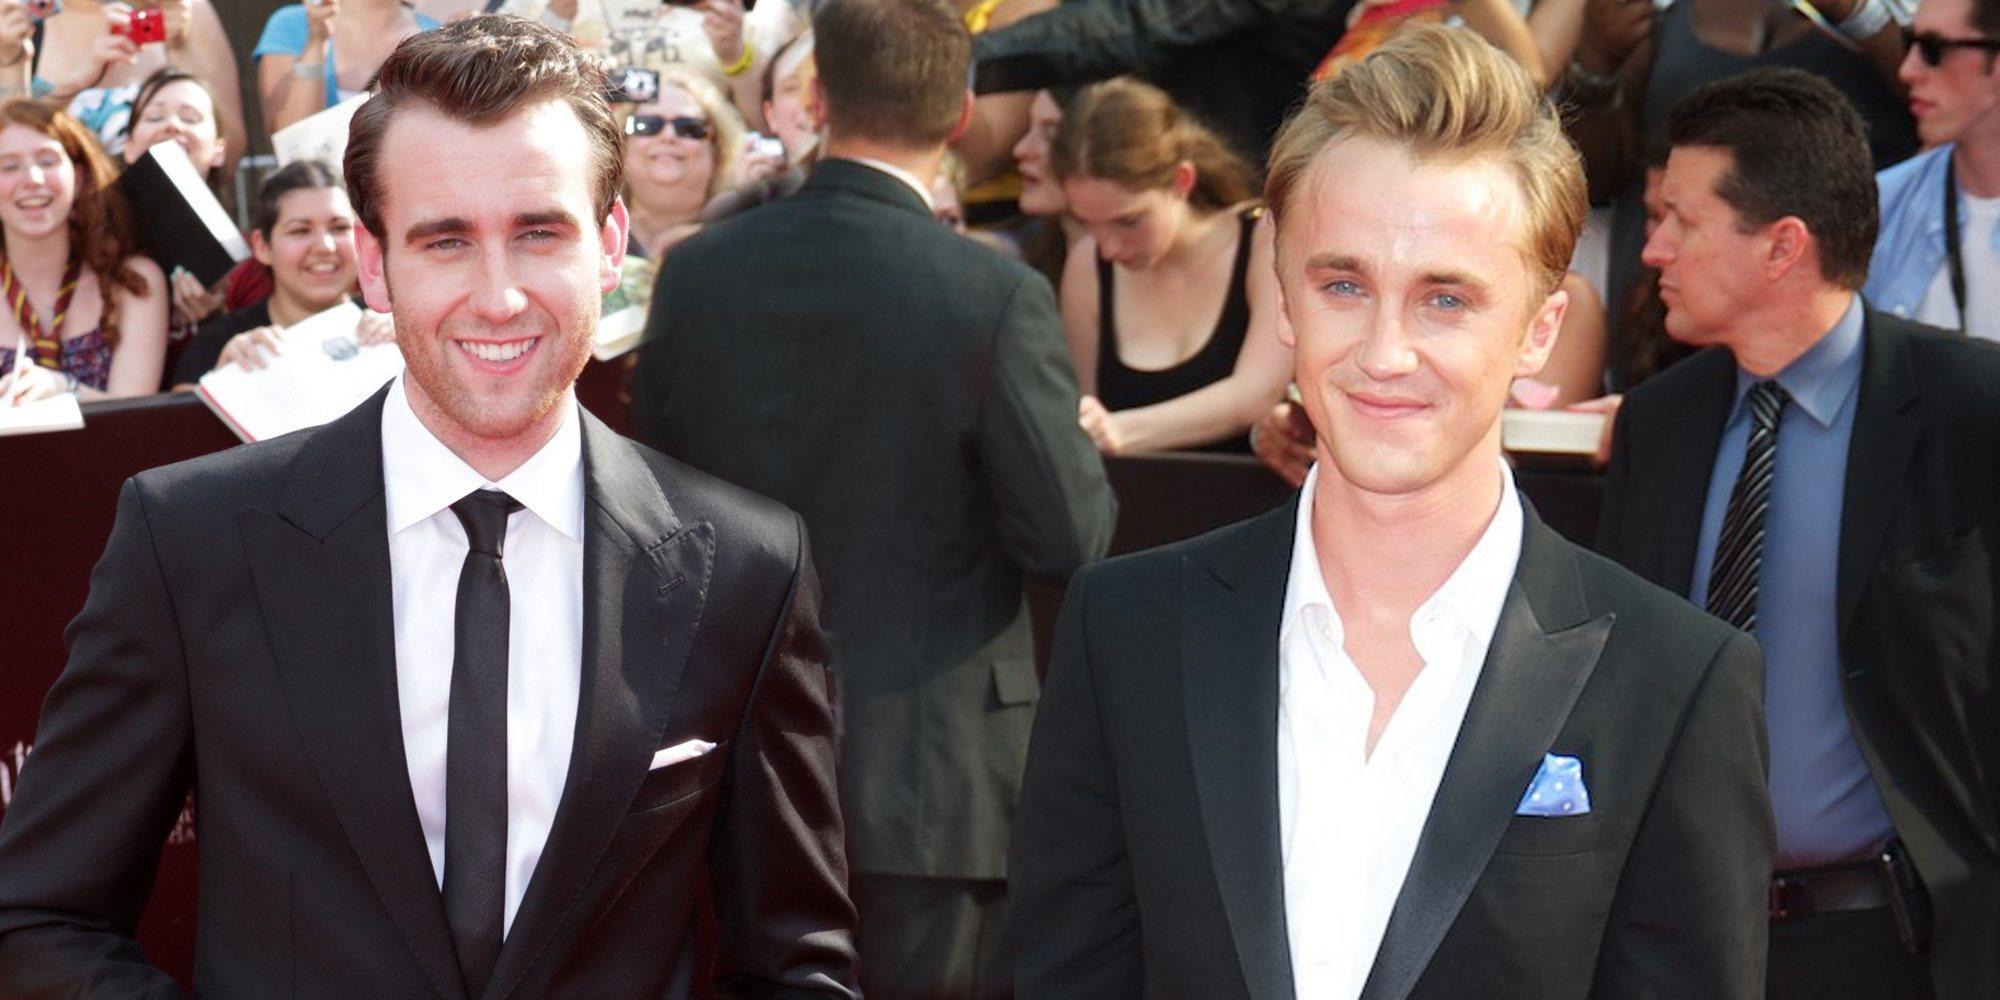 'Harry Potter': El encuentro entre Matthew Lewis y Tom Felton revive la enemistad entre Gryffindor y Slytherin